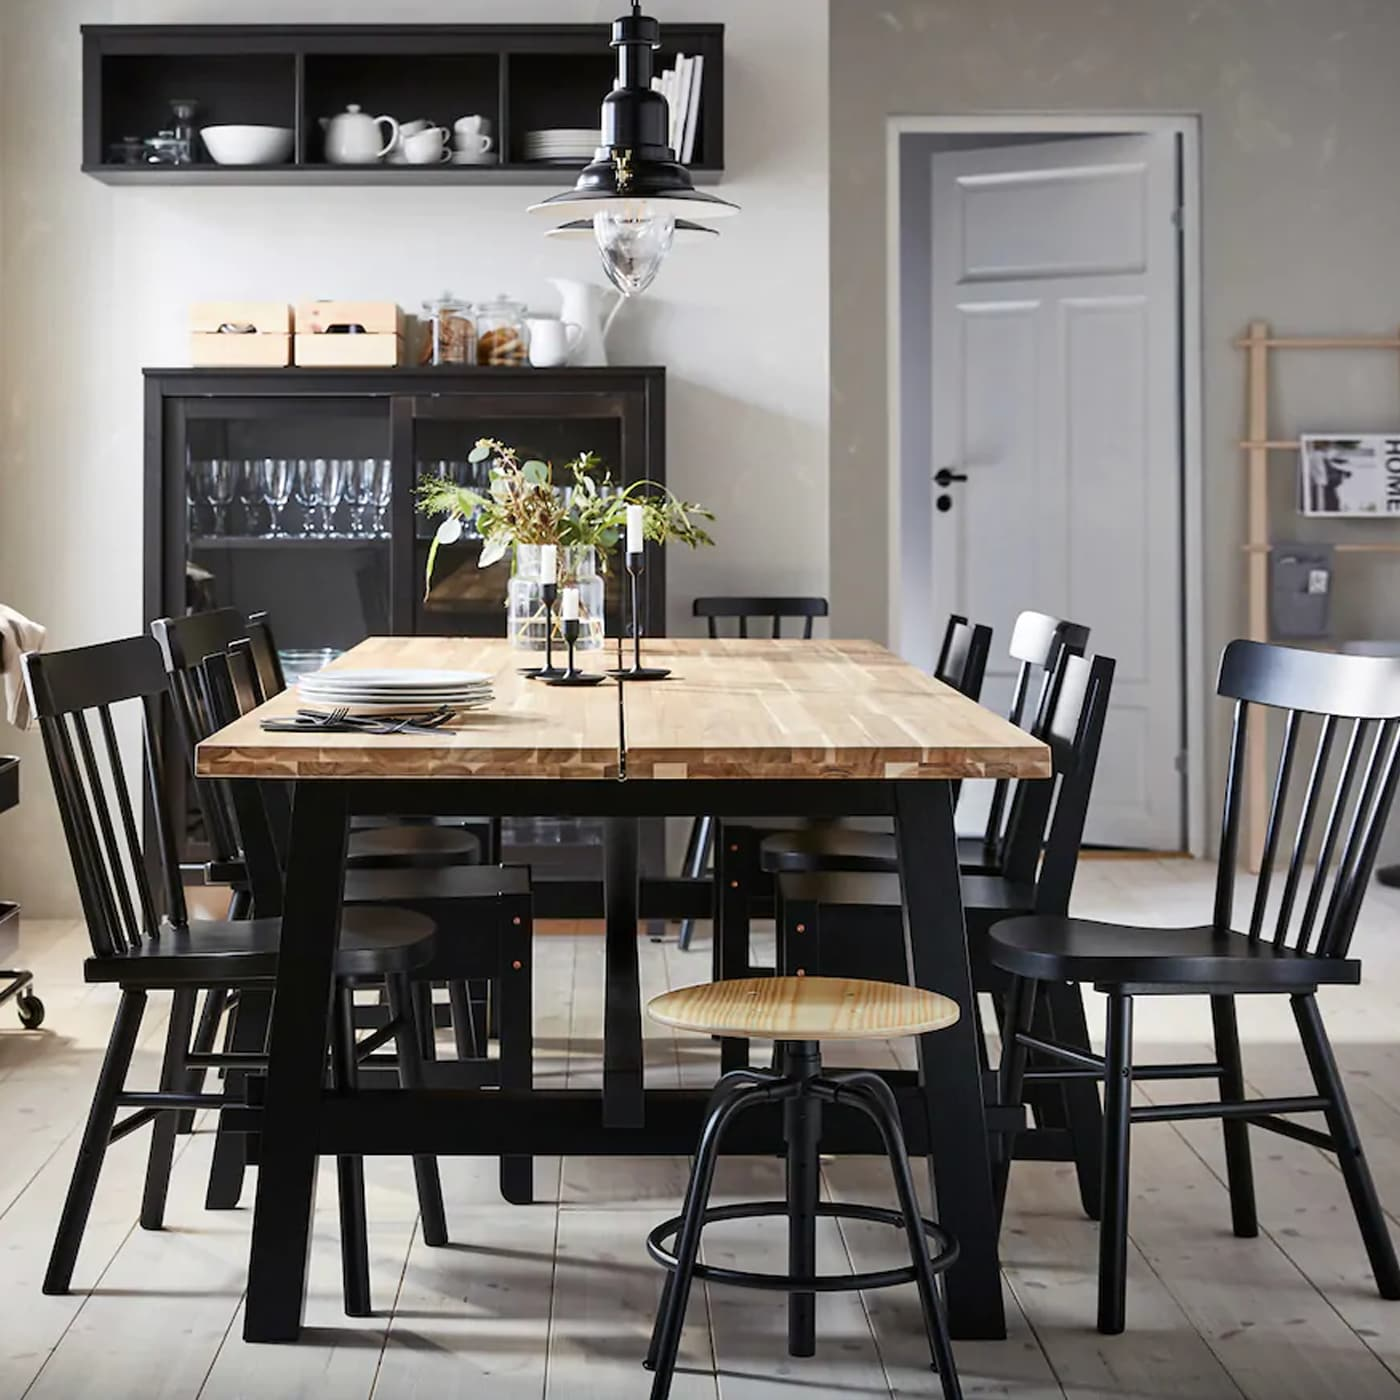 In Diesem Esszimmer Kommt Man Gern Zusammen Ikea Osterreich